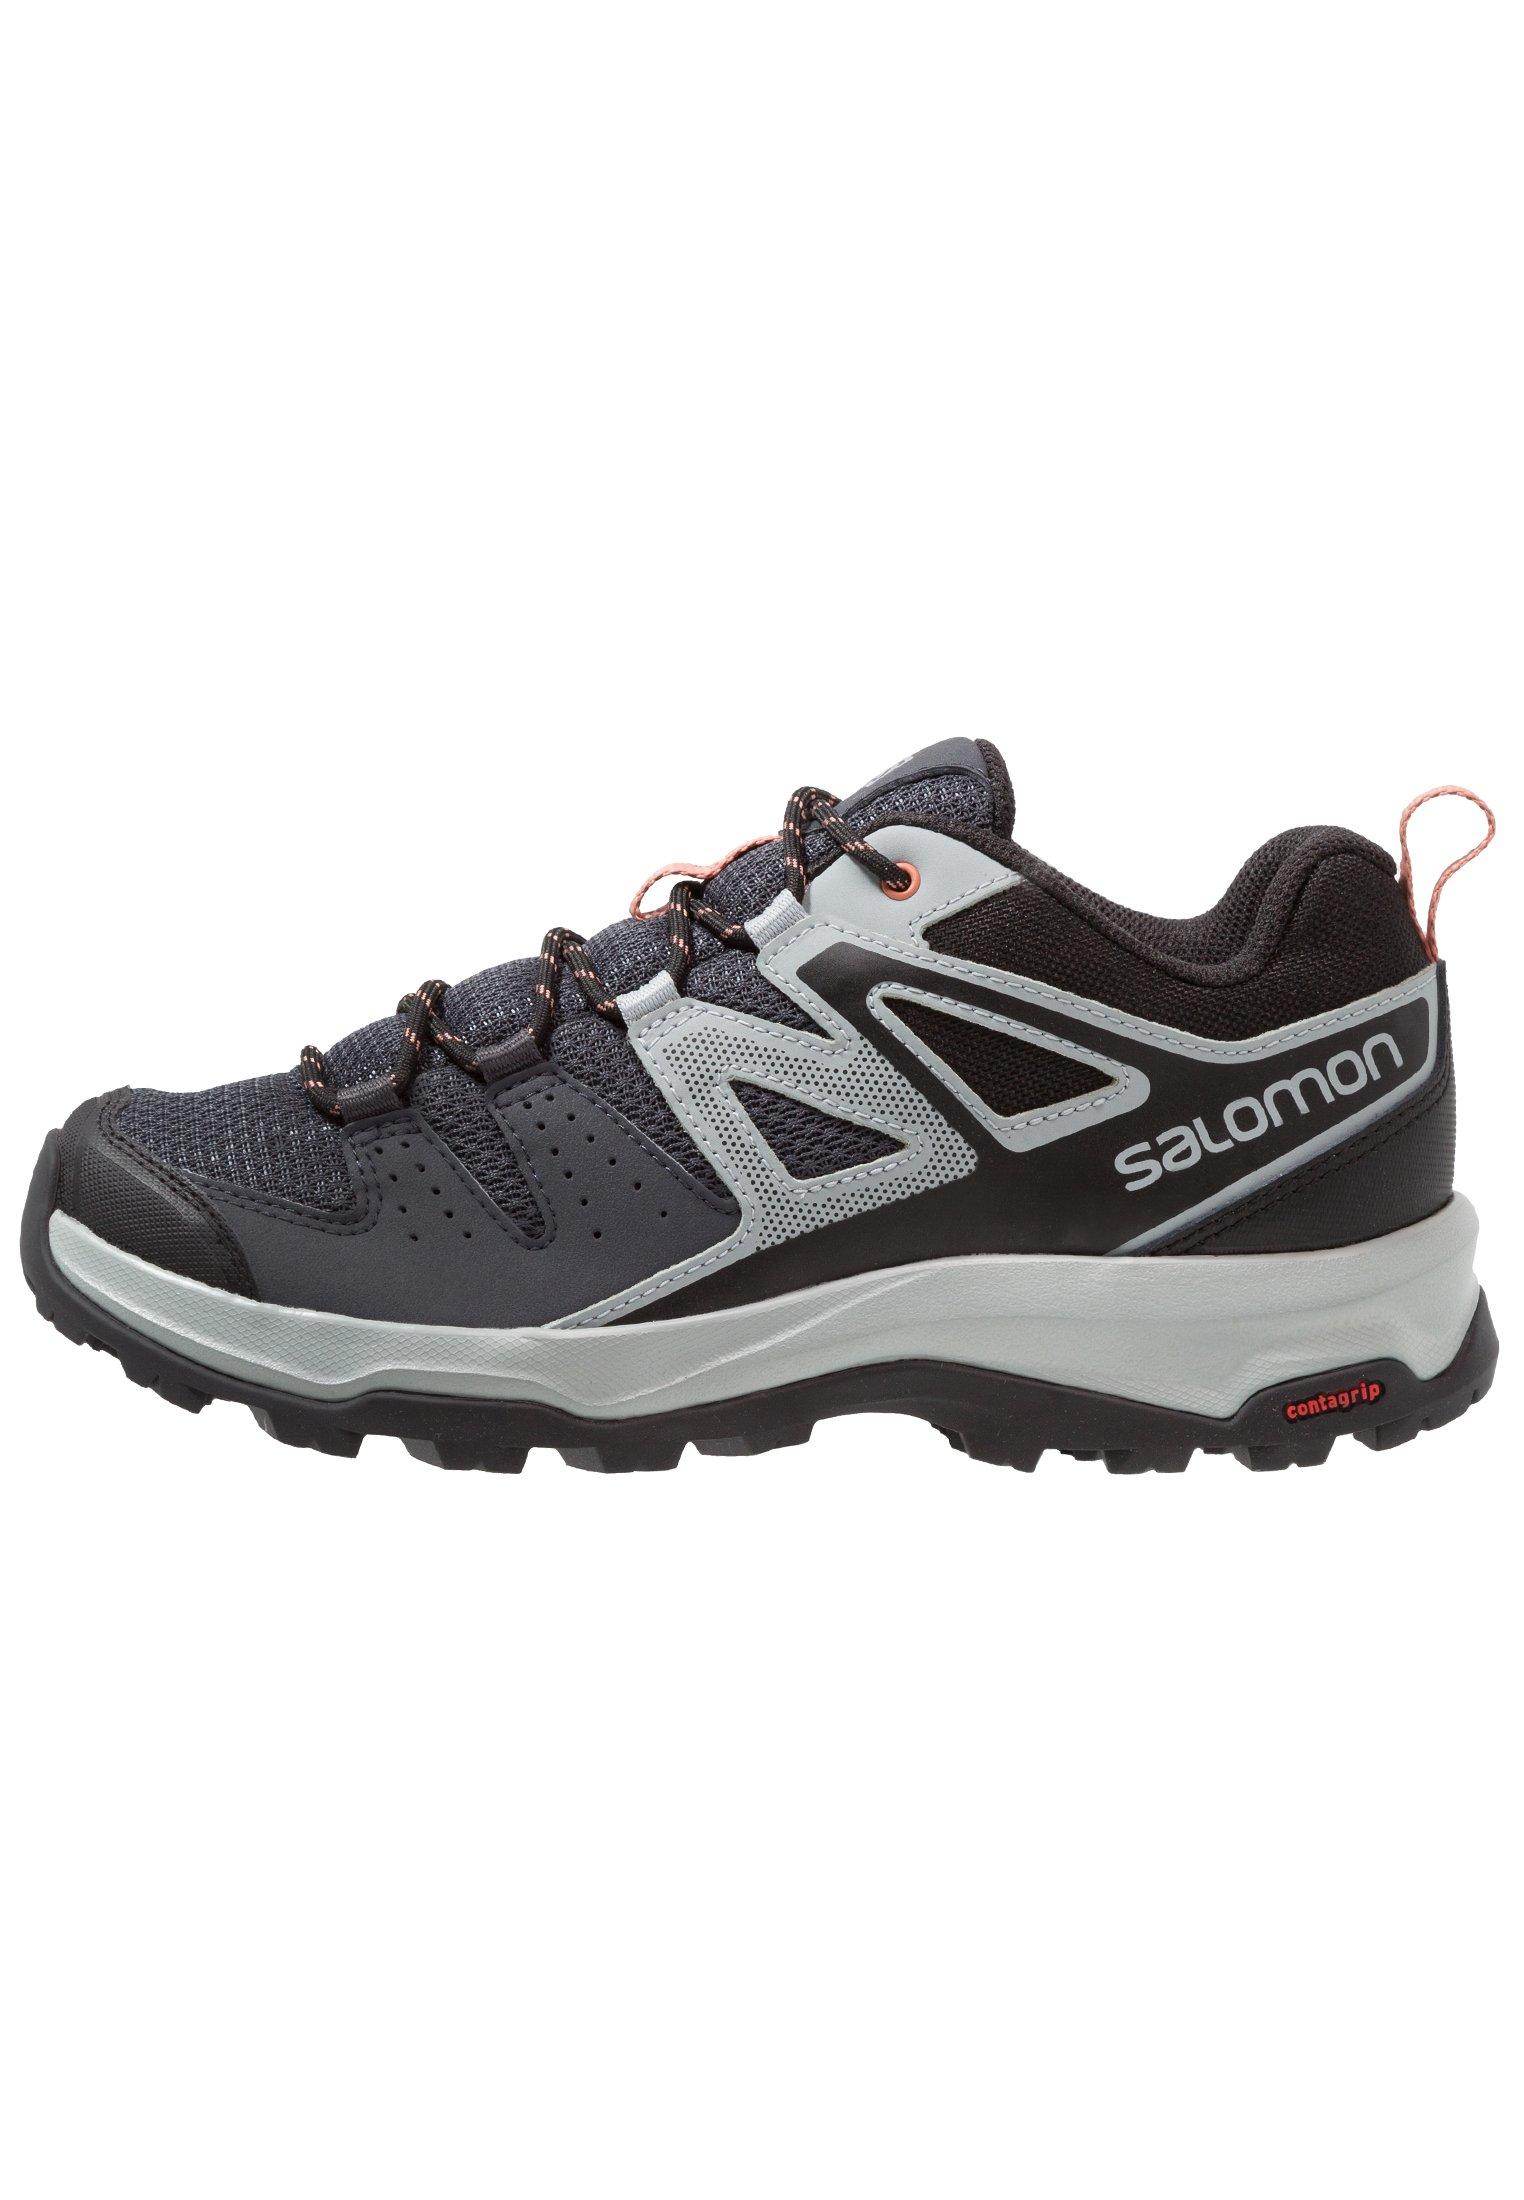 Chaussures de randonnée femme | La sélection de Zalando